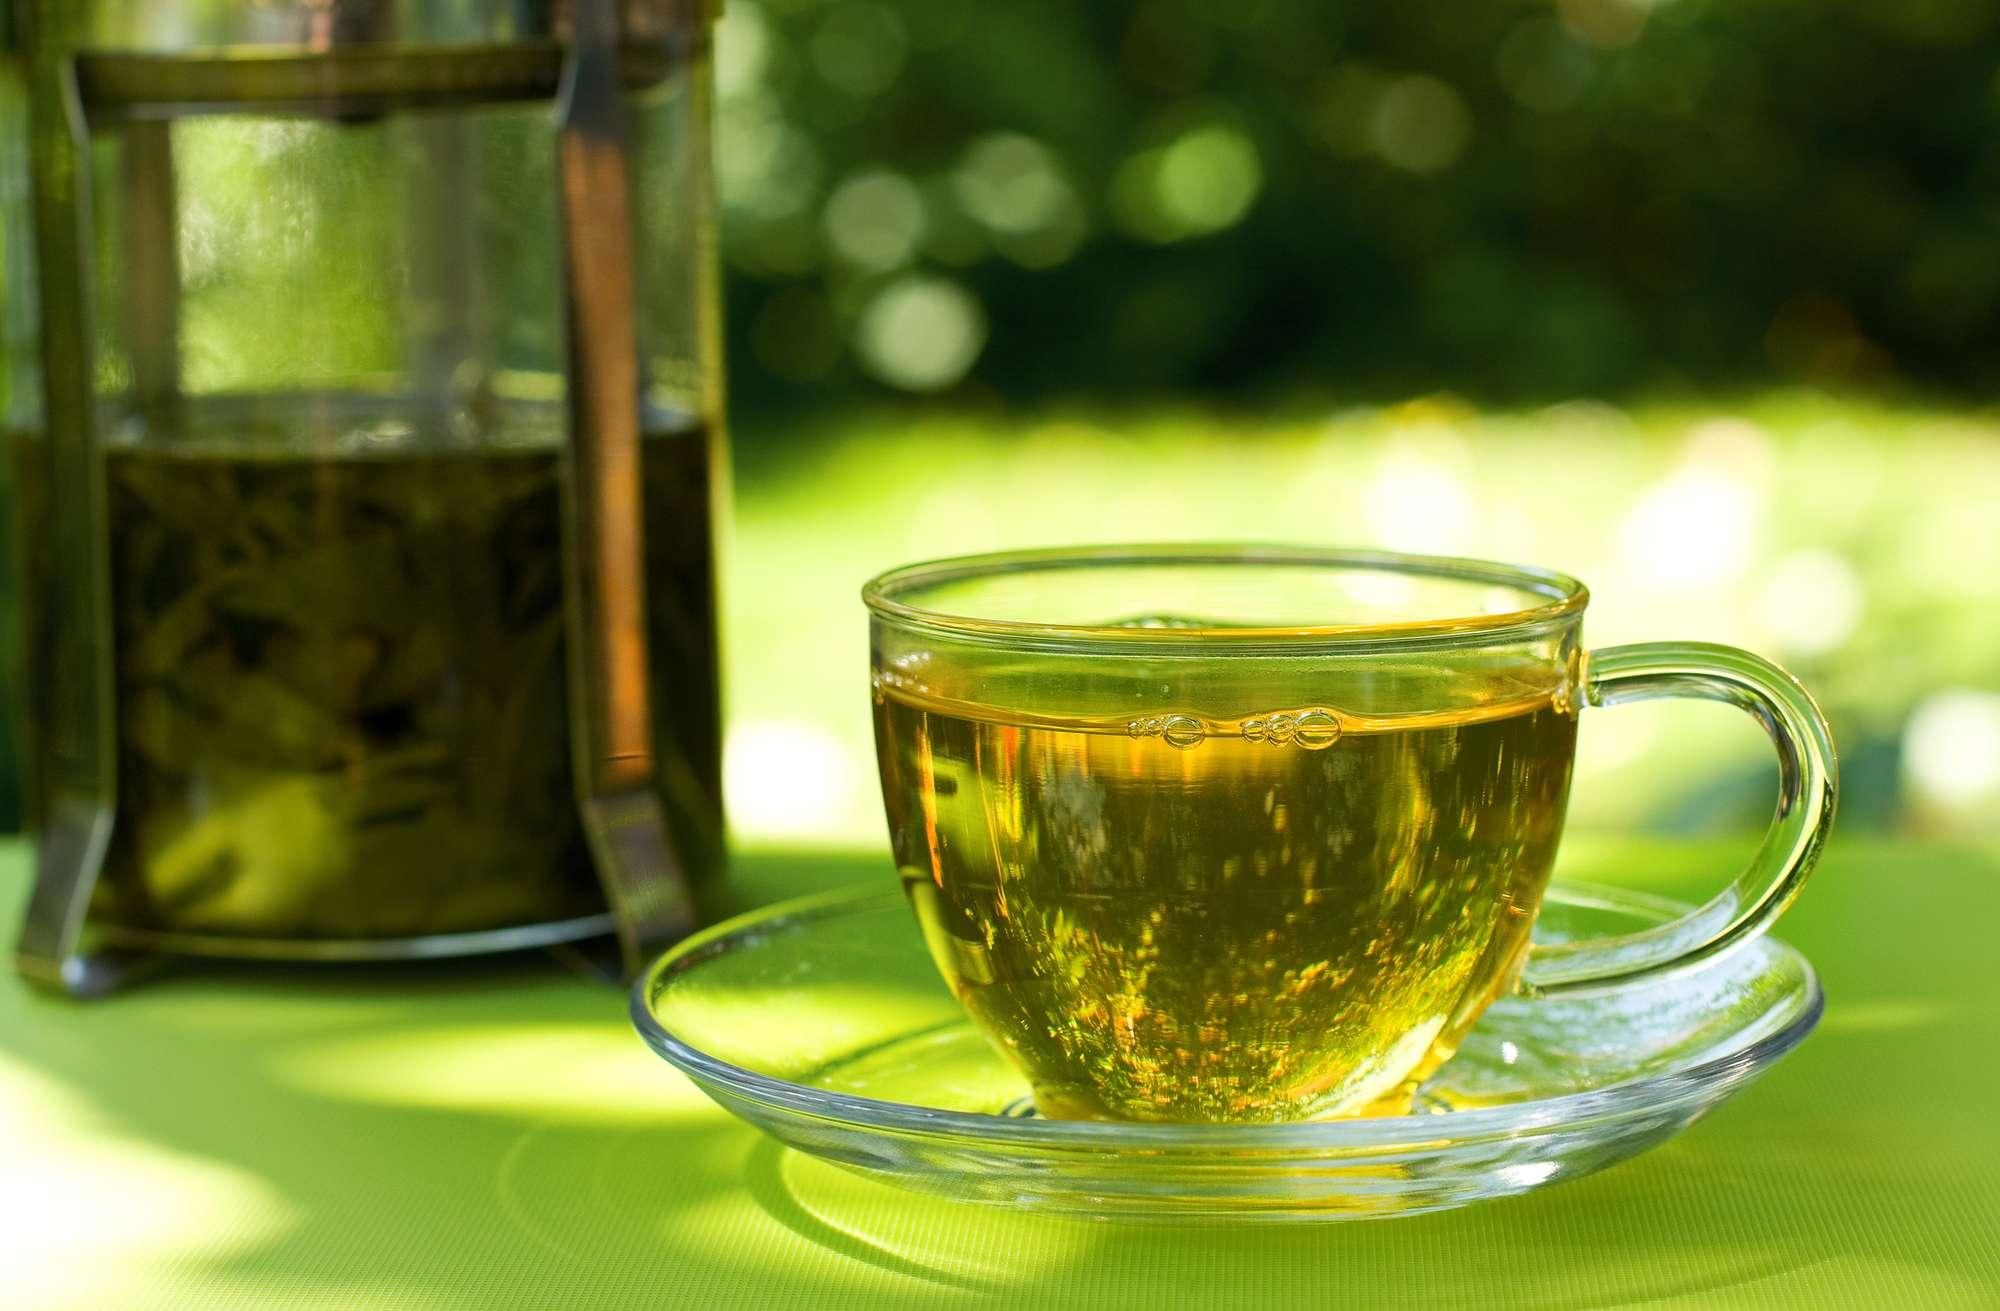 Zöld tea kategória kép 2